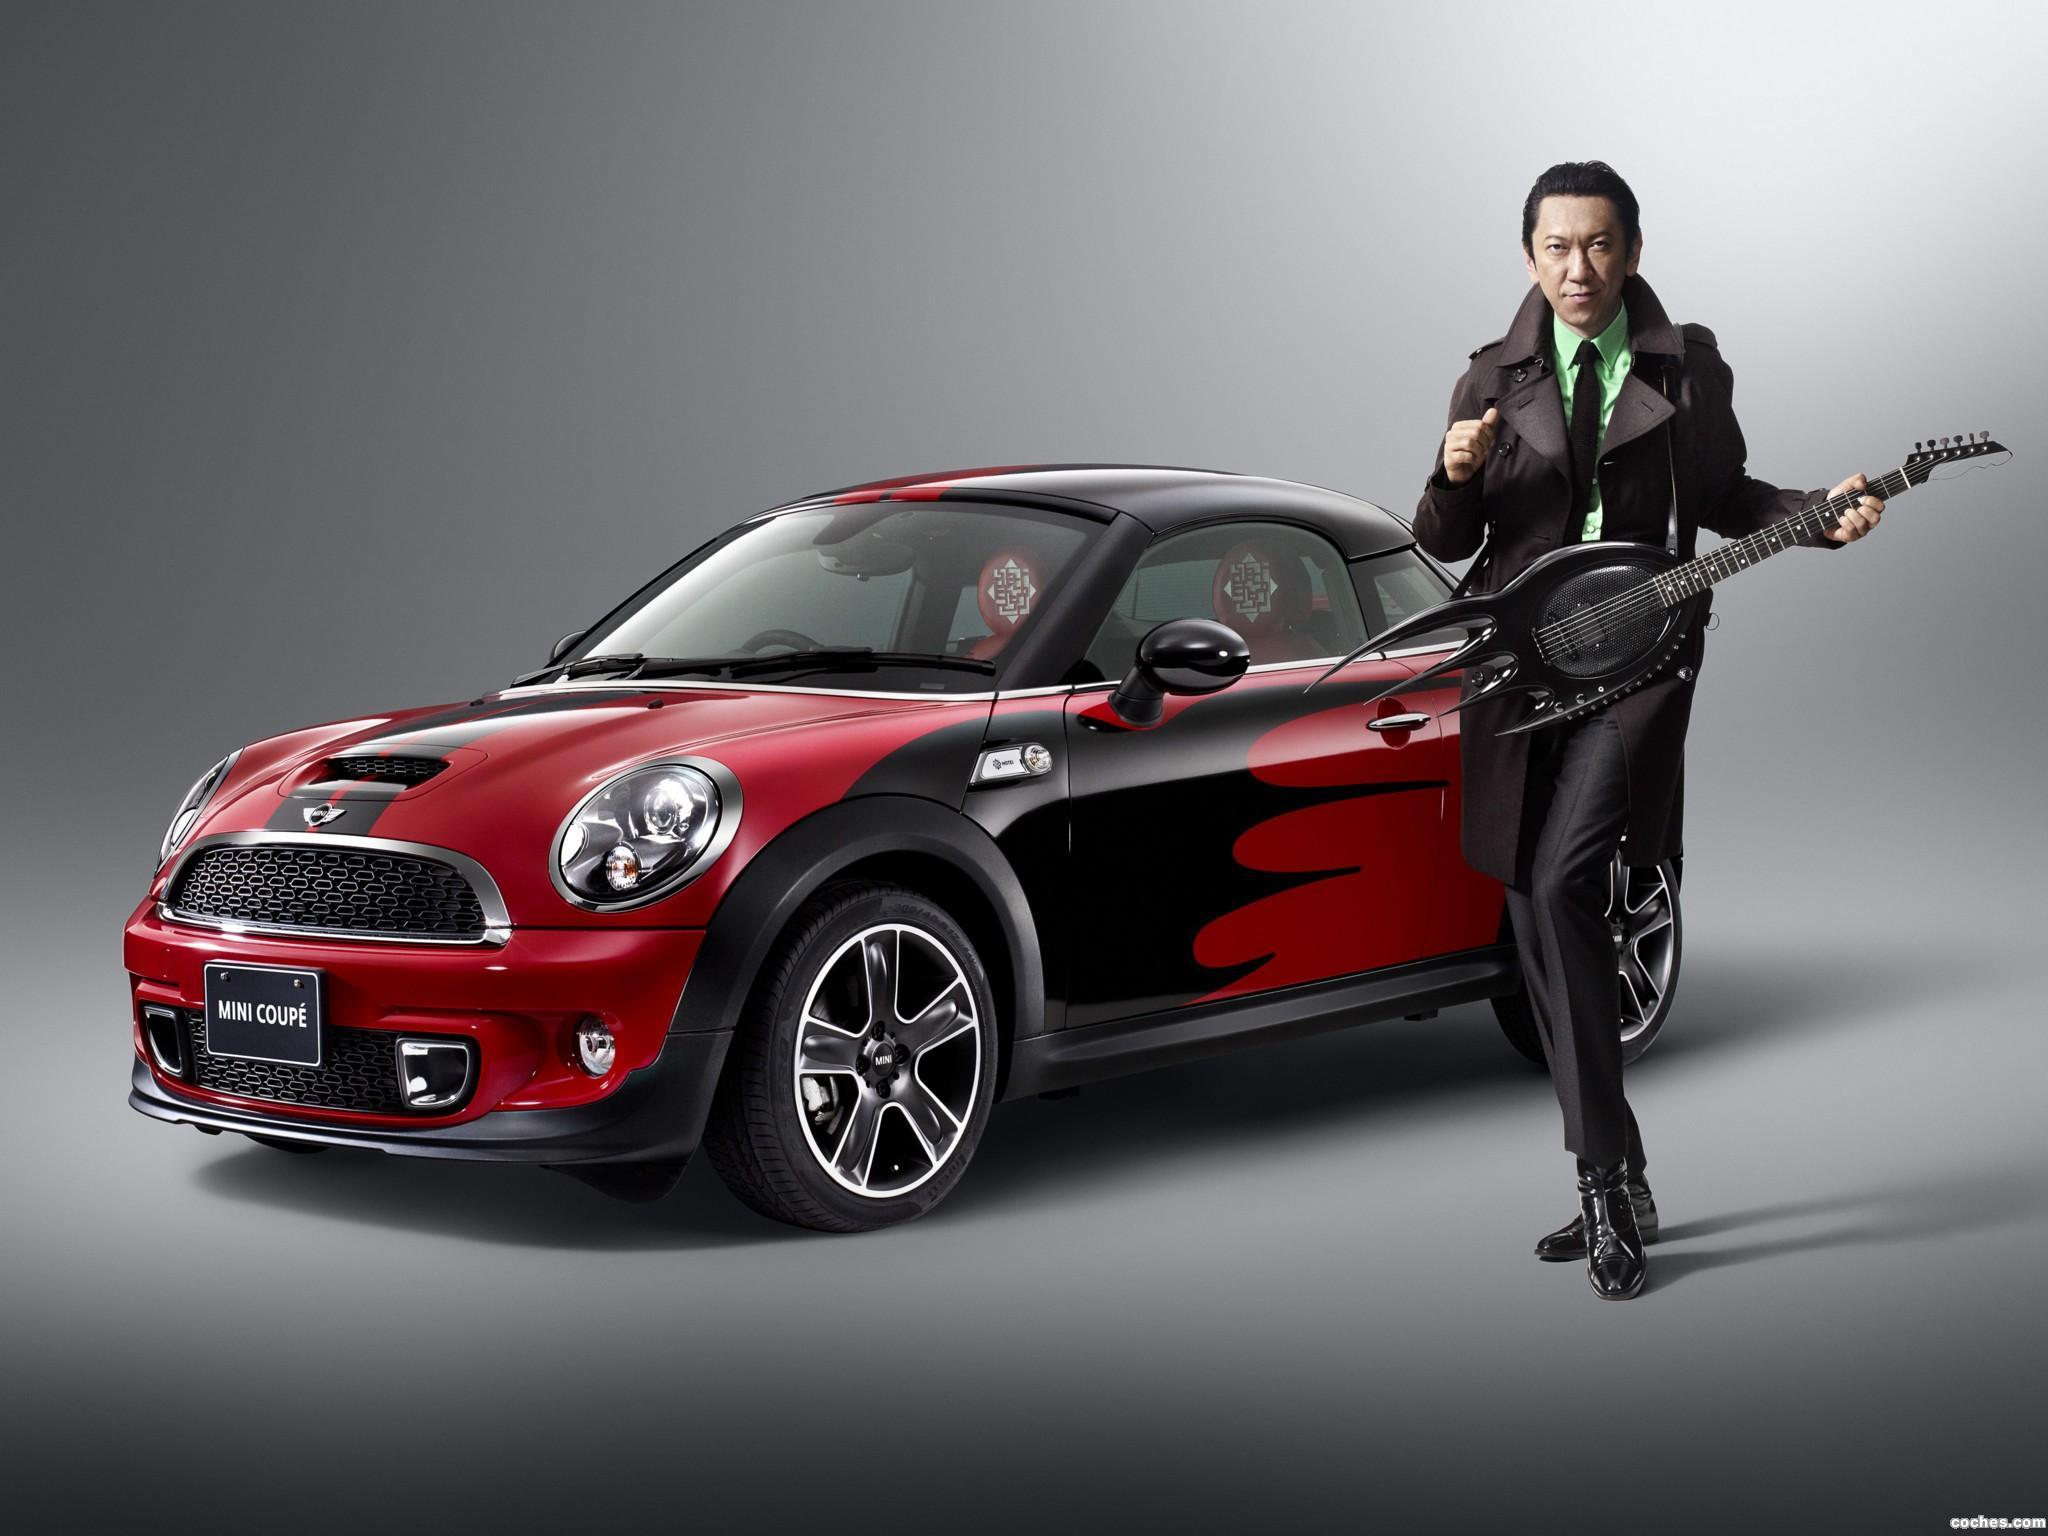 Foto 5 de Mini Coupe Cooper S Hotei 2012